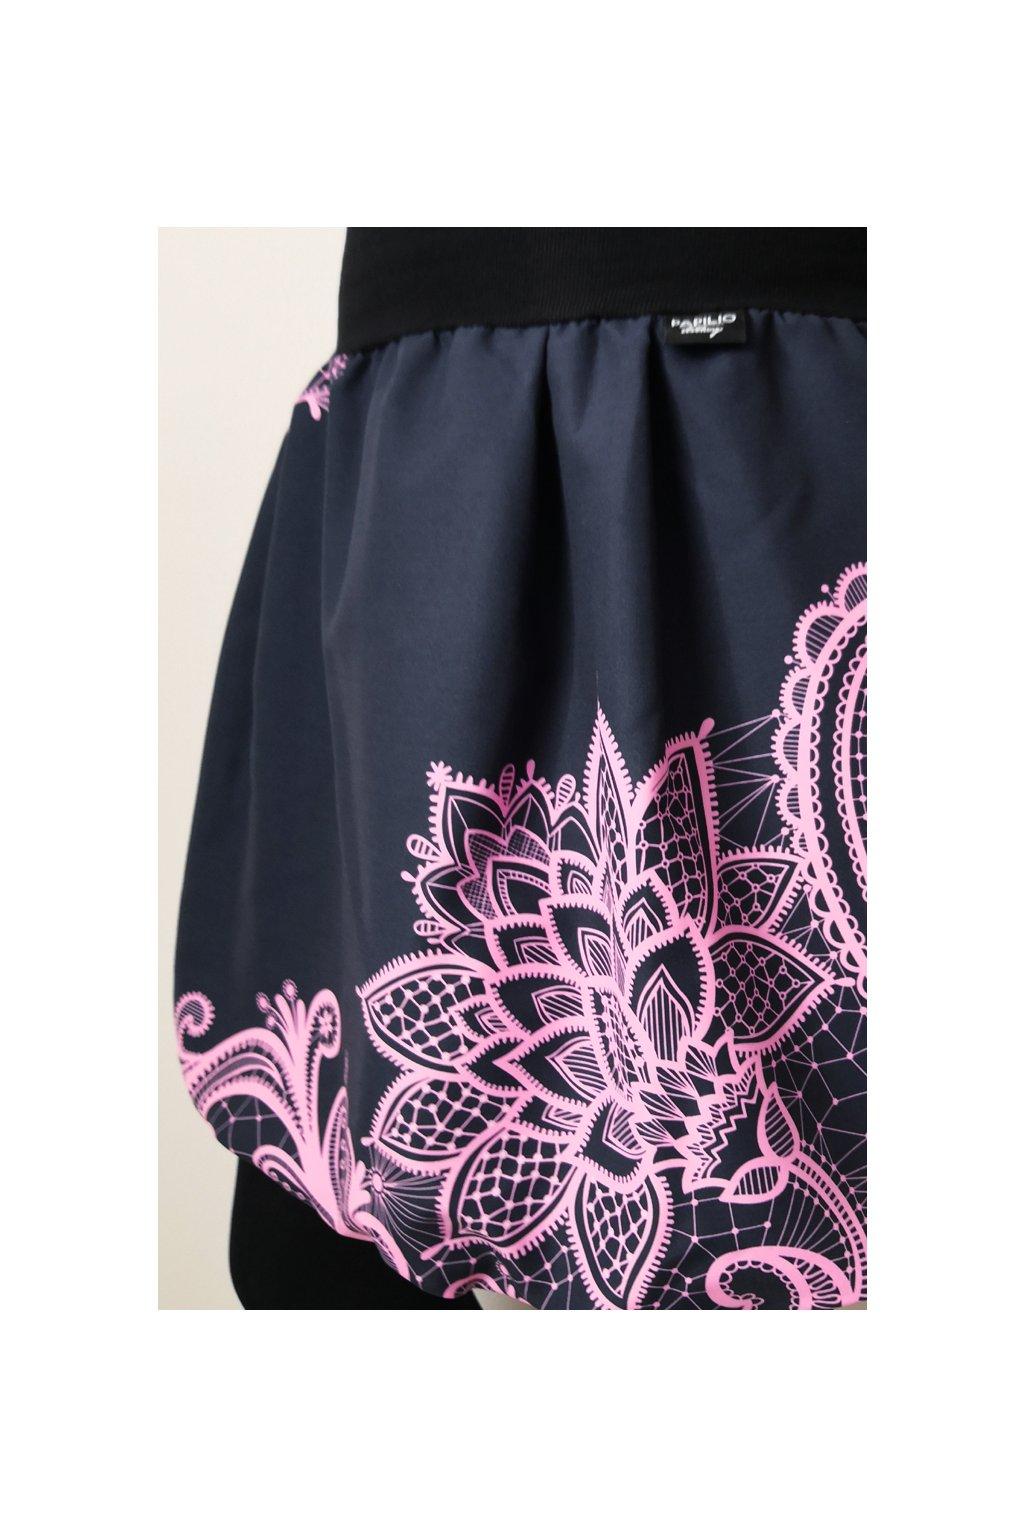 Balonová sukně Krajka růžová - antracit| micropeach